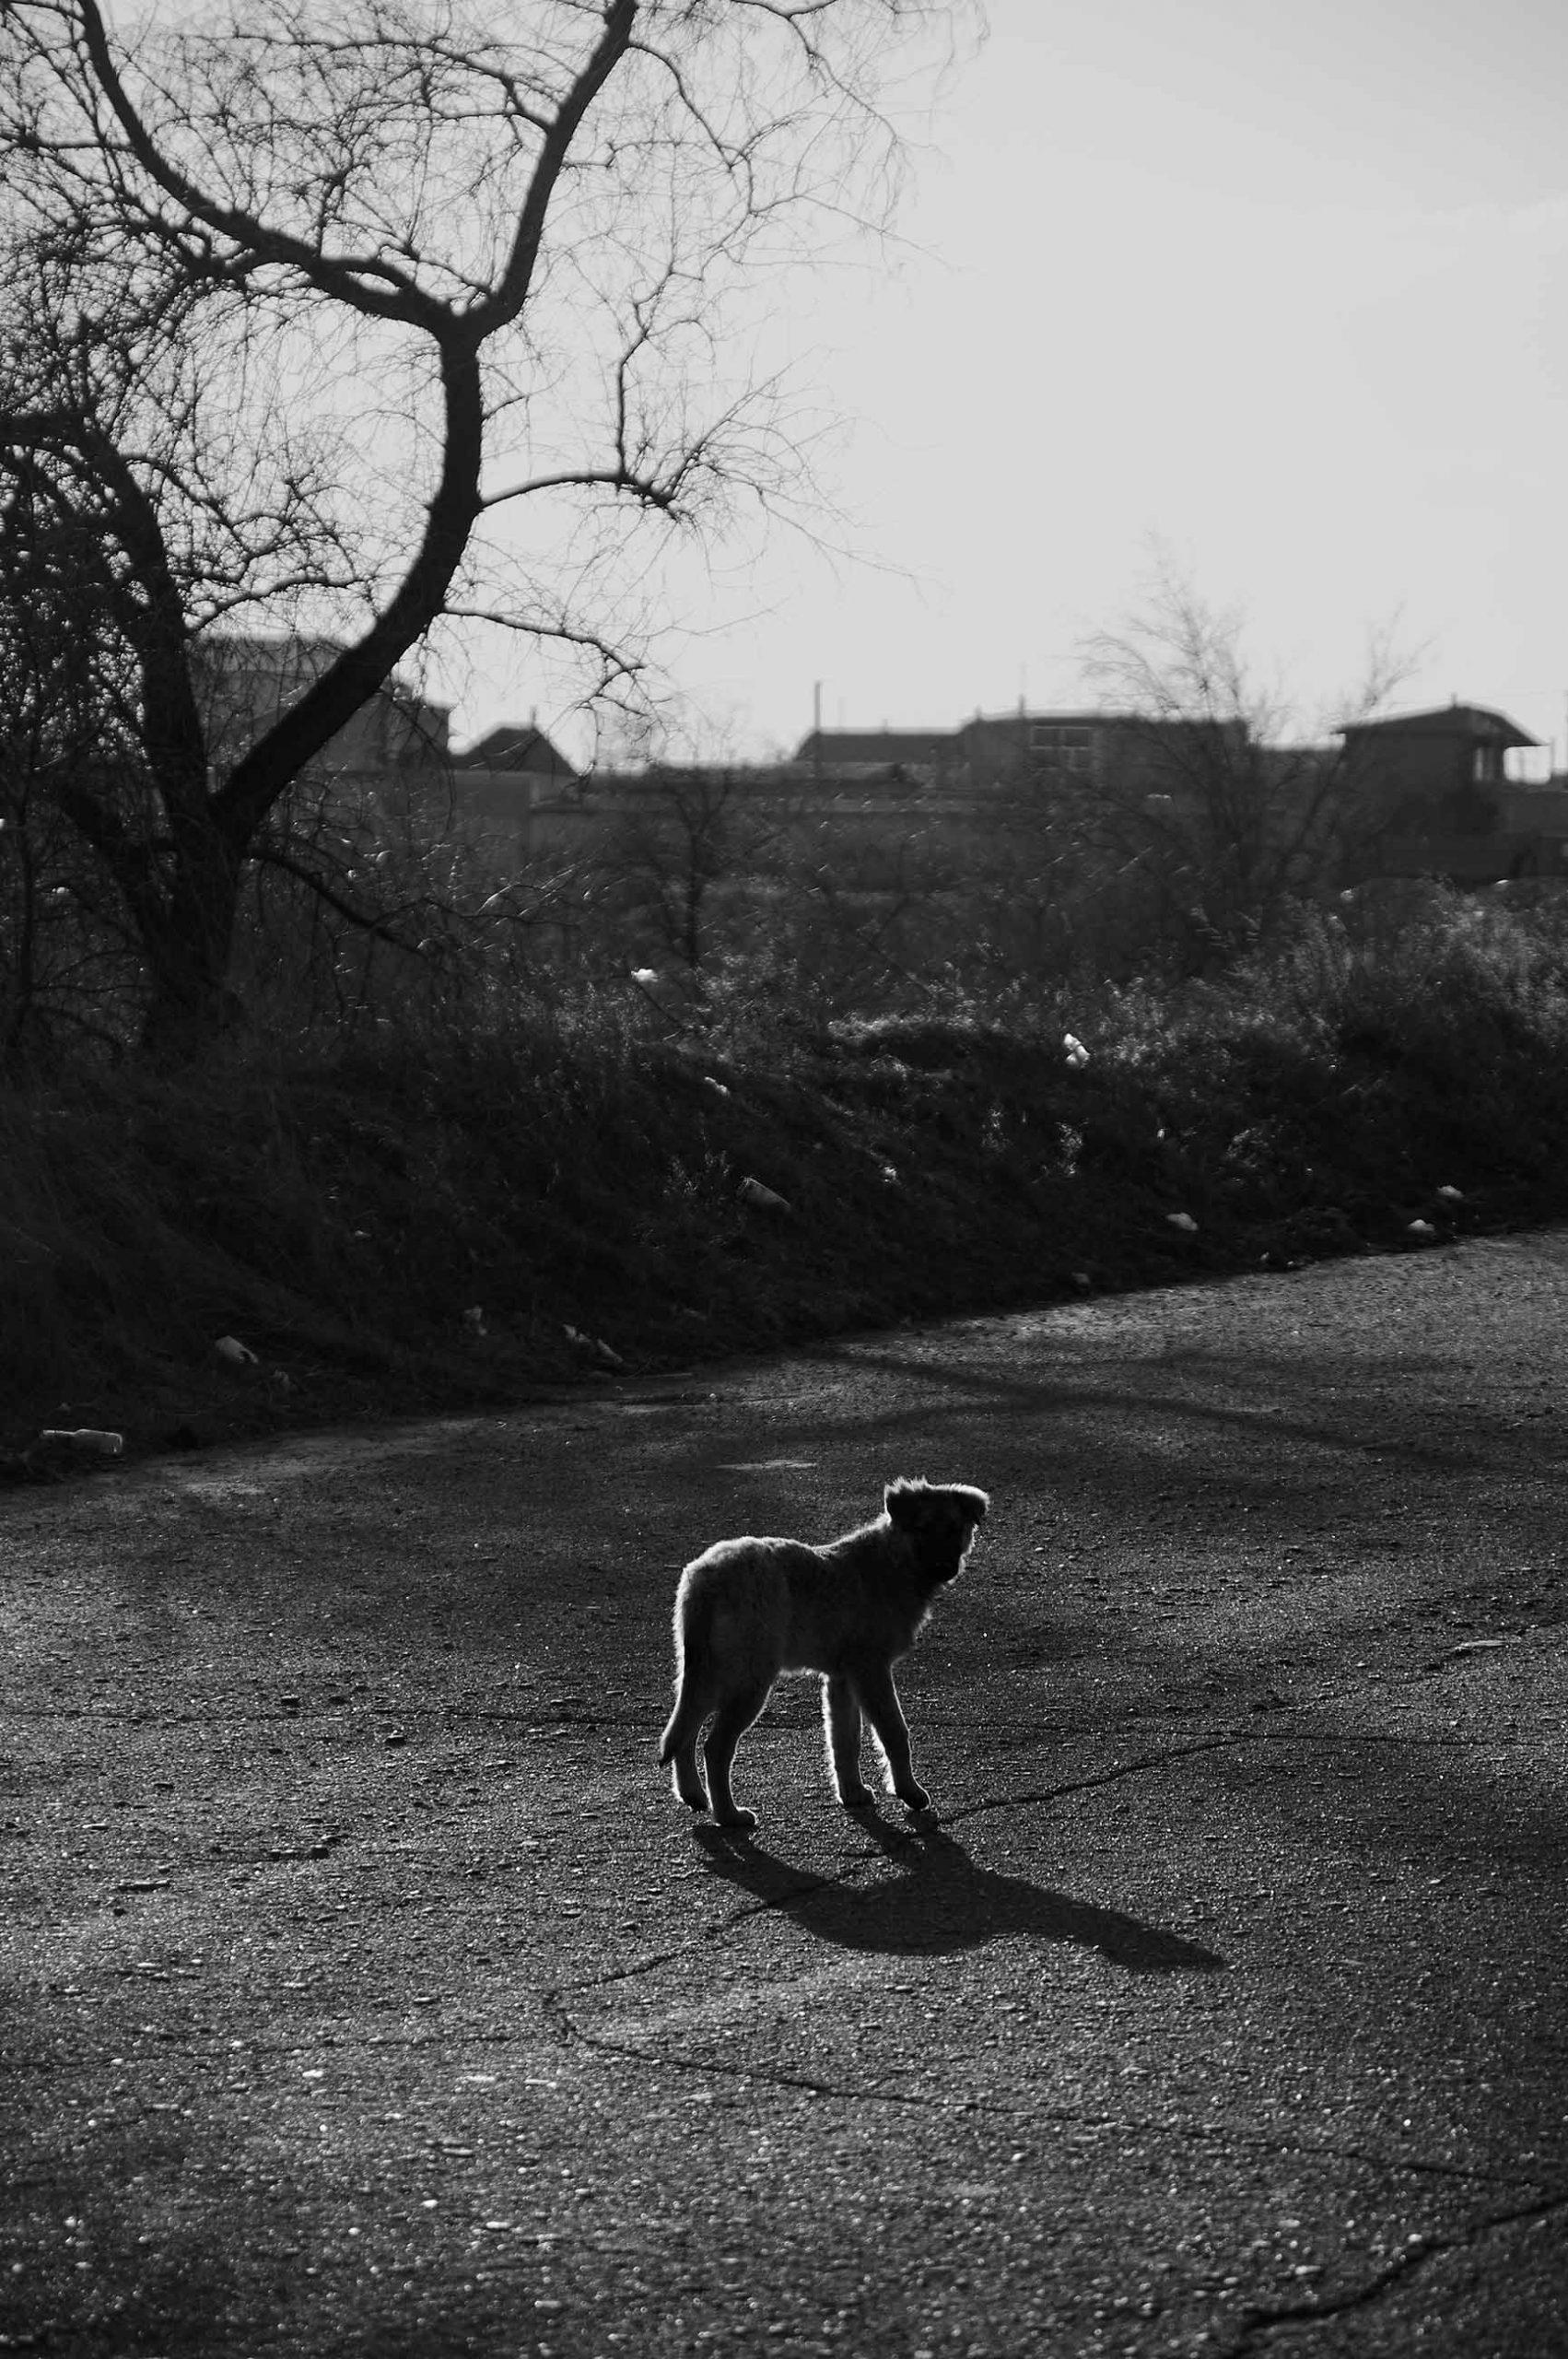 neselenko pic 01a scaled - <b>Світло і Слід.</b> Саша Населенко у «Рівні цензури» - Заборона